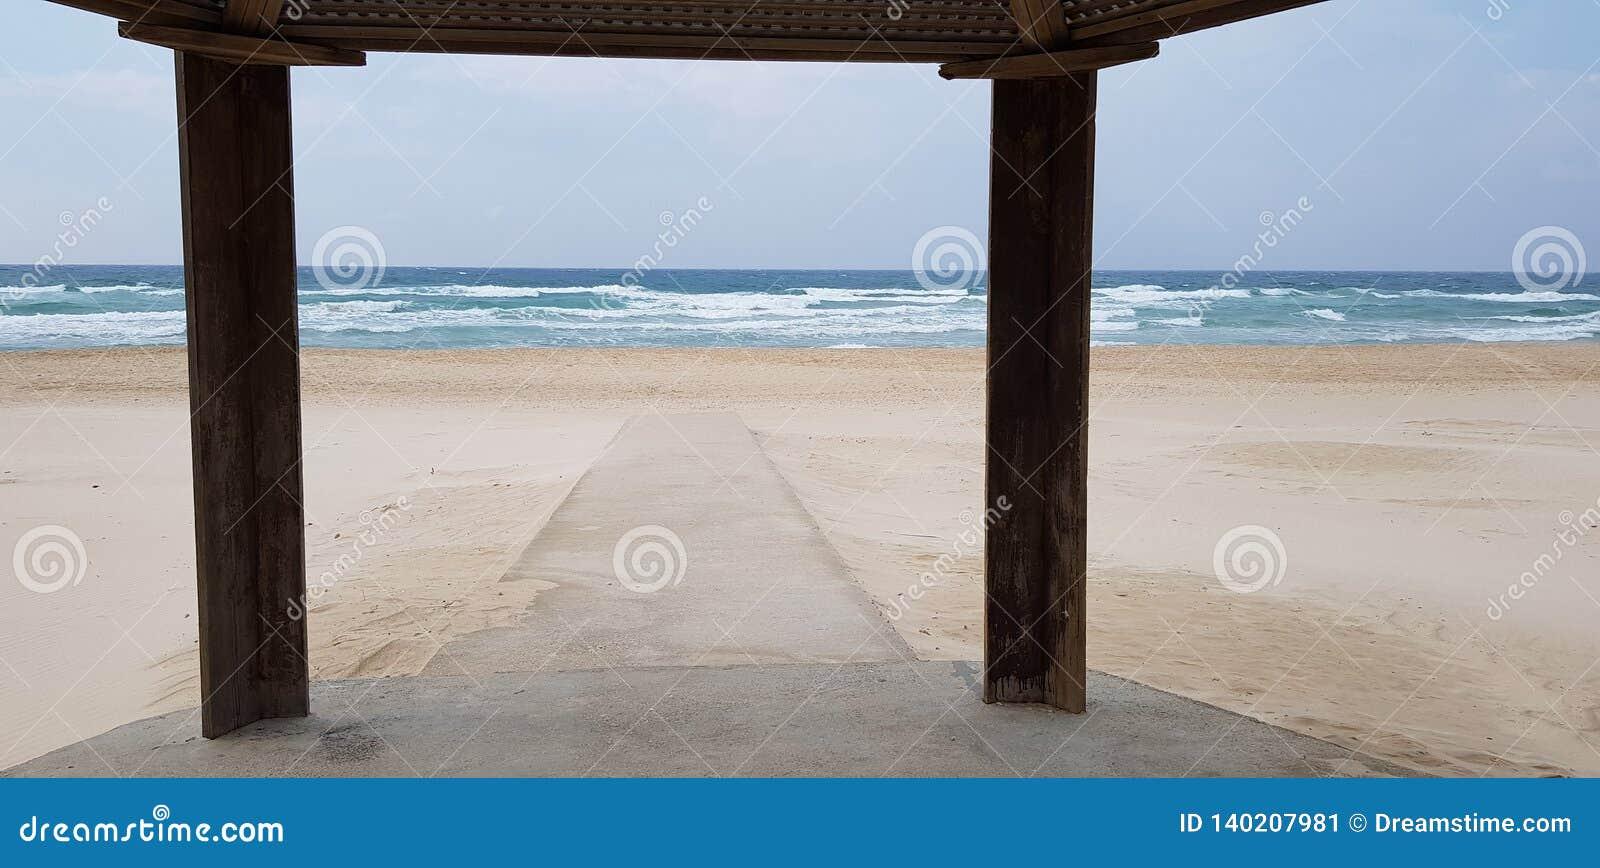 Конкретный след в песке запланированном для людей с ограниченными возможностями идет к морю